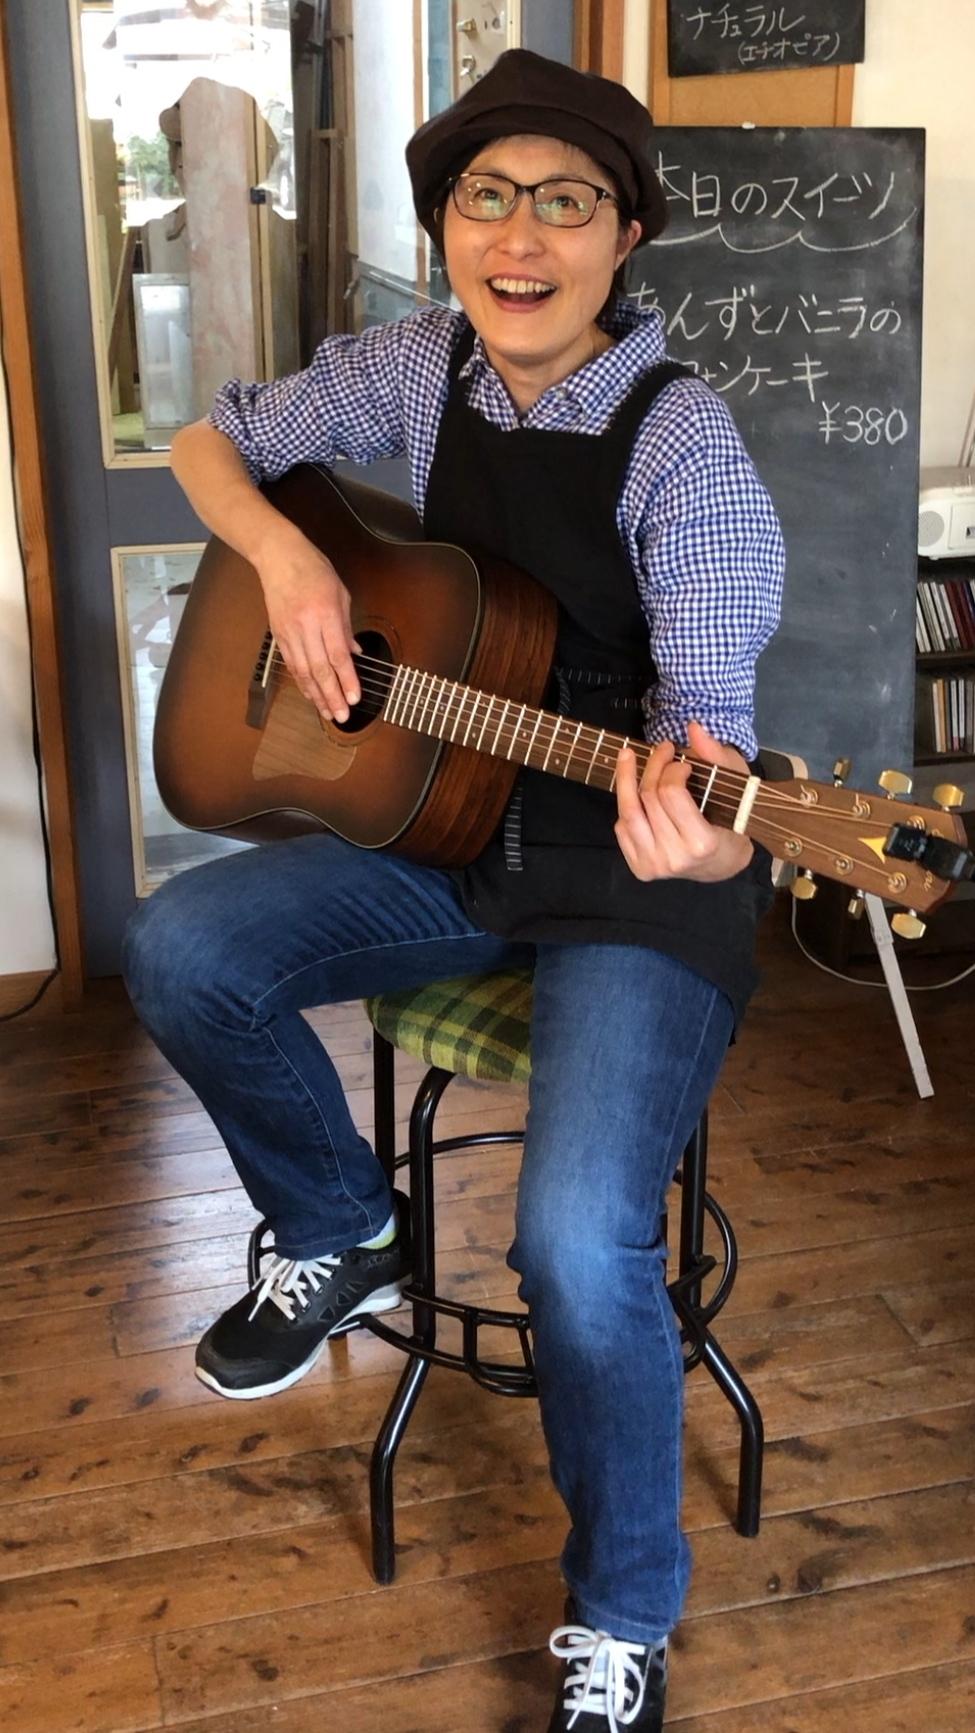 ギターマンチェアー 新発売!初回30脚 限定特別価格!6月1日から発送 | 家具工房ウッドスケッチWOODSKETCH powered by BASE